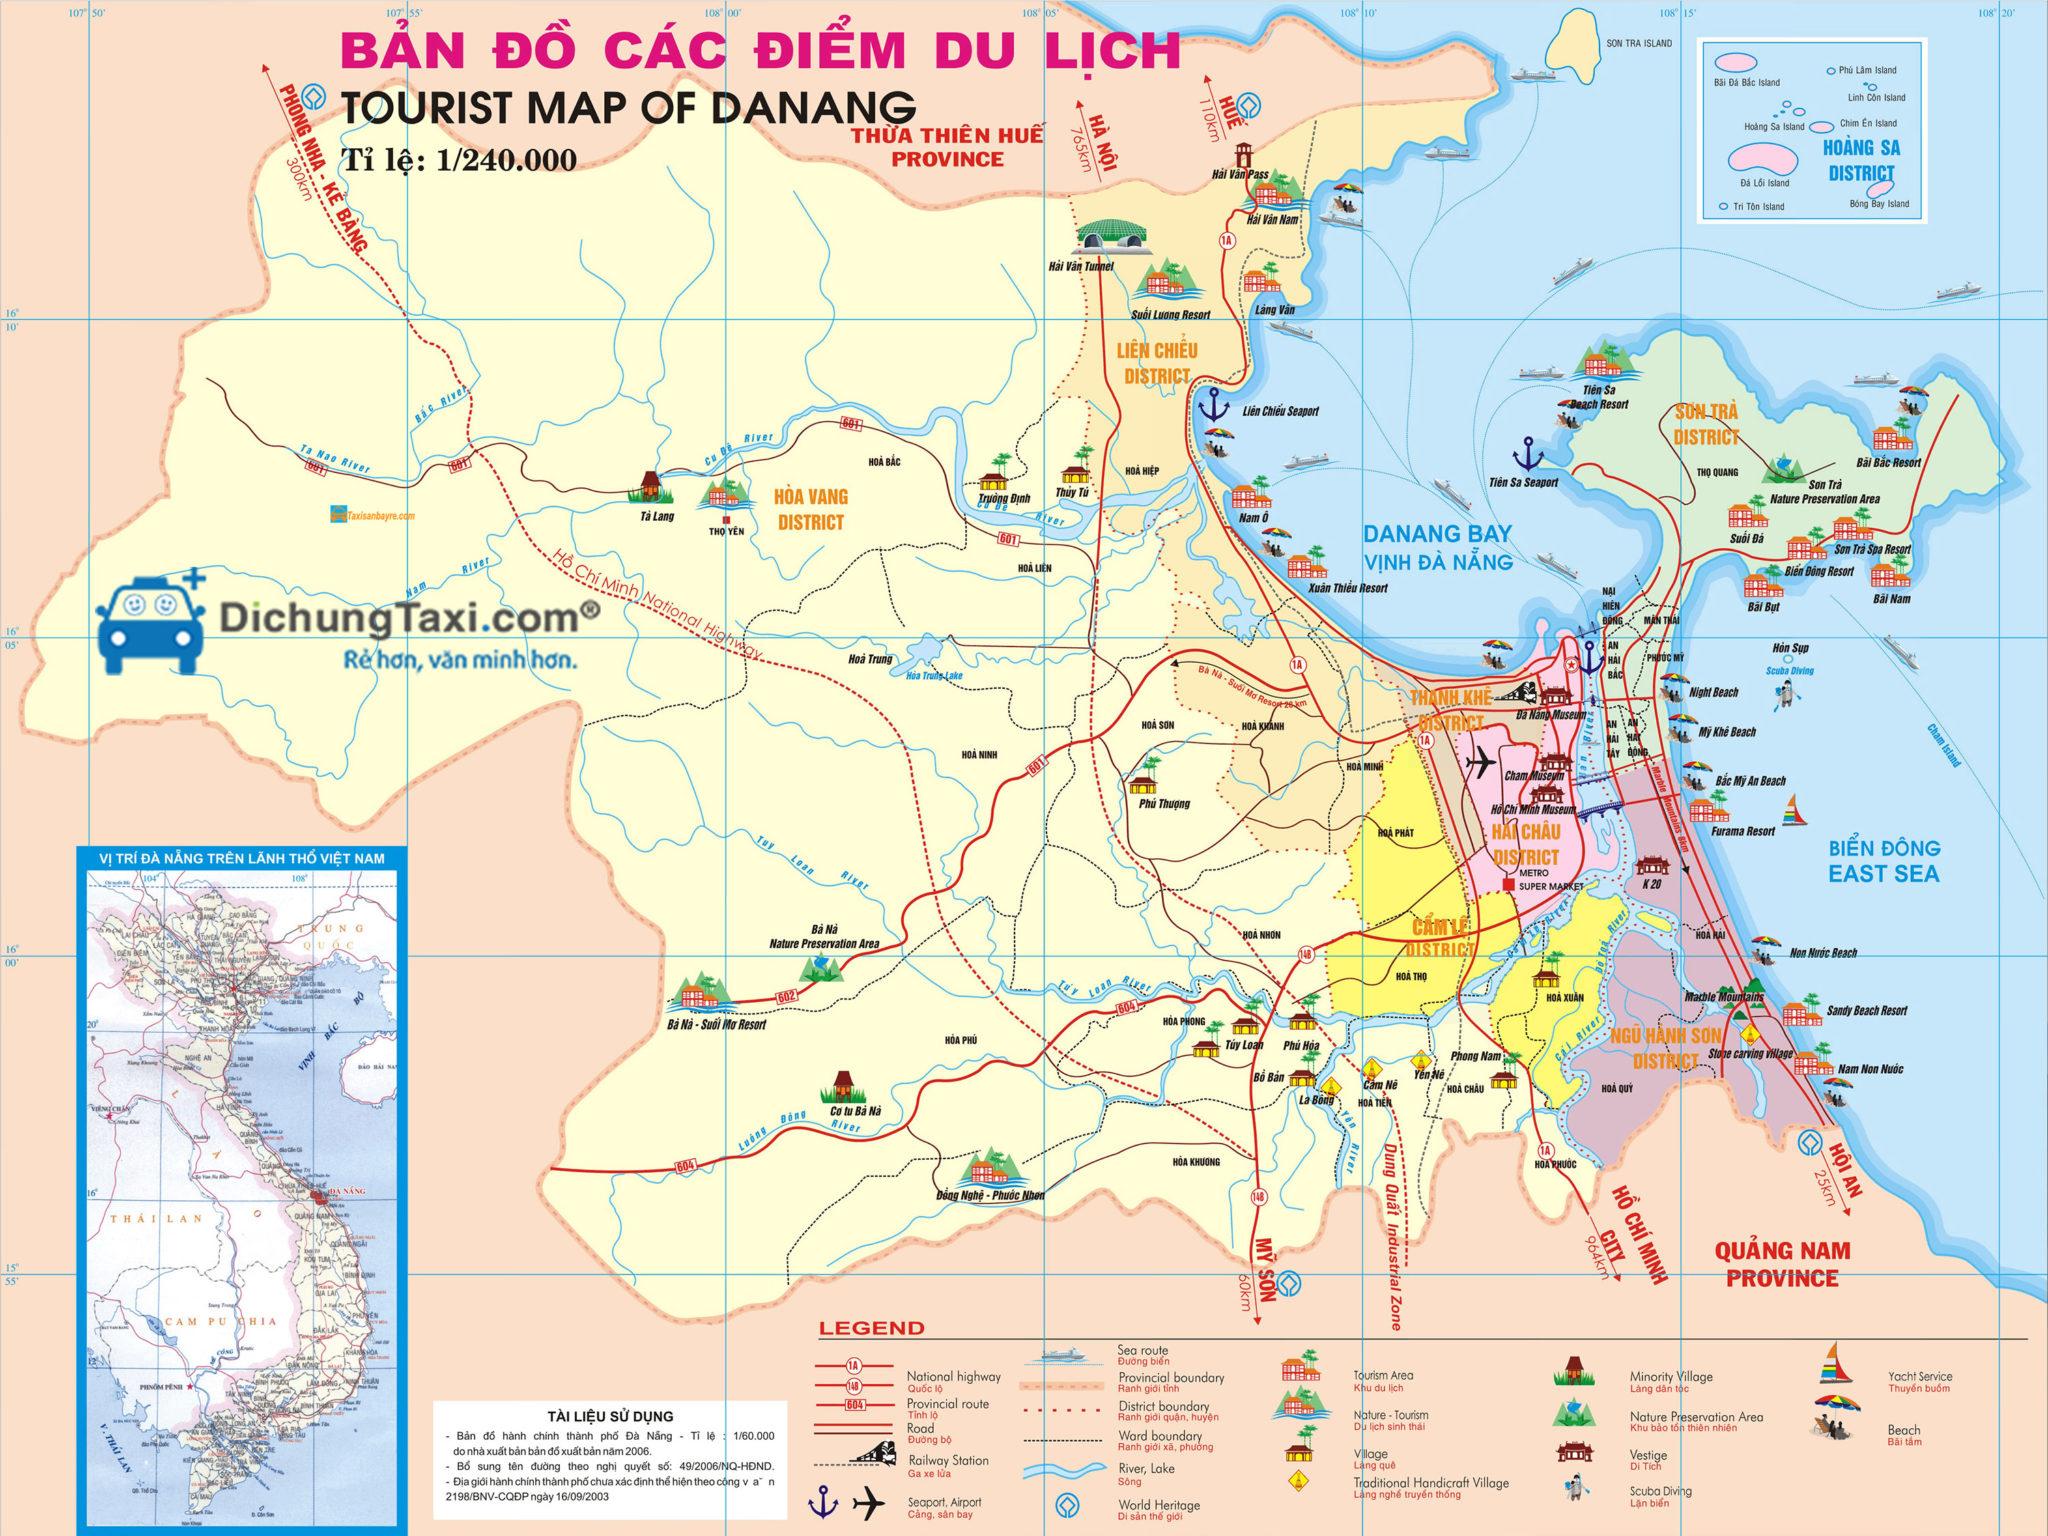 Bản đồ các địa điểm du lịch Đà Nẵng - hinh 2